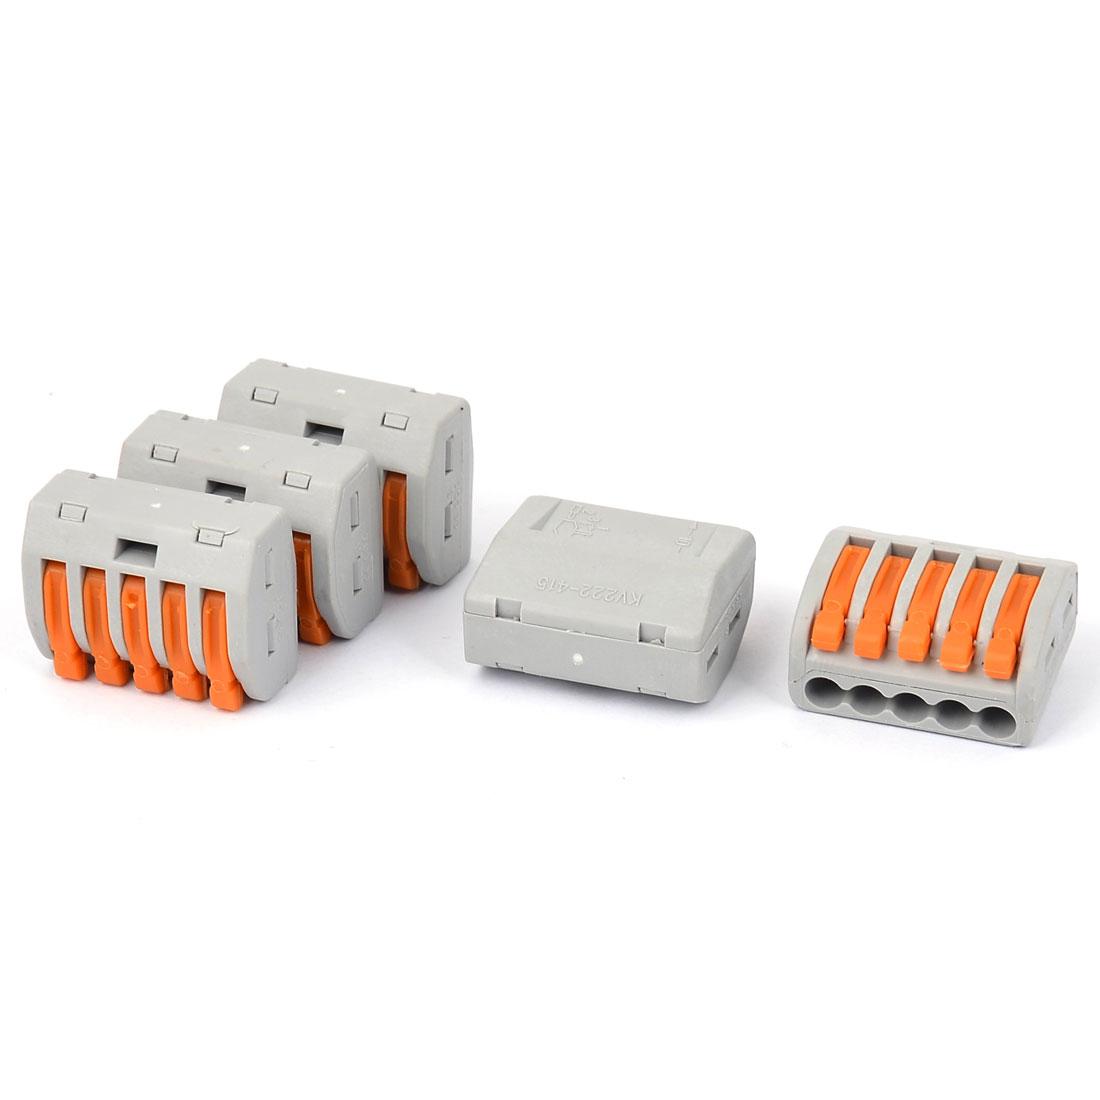 AC 250V 0.75-2.5mm2 5 way 5 Port Lever Terminal Block 5pcs